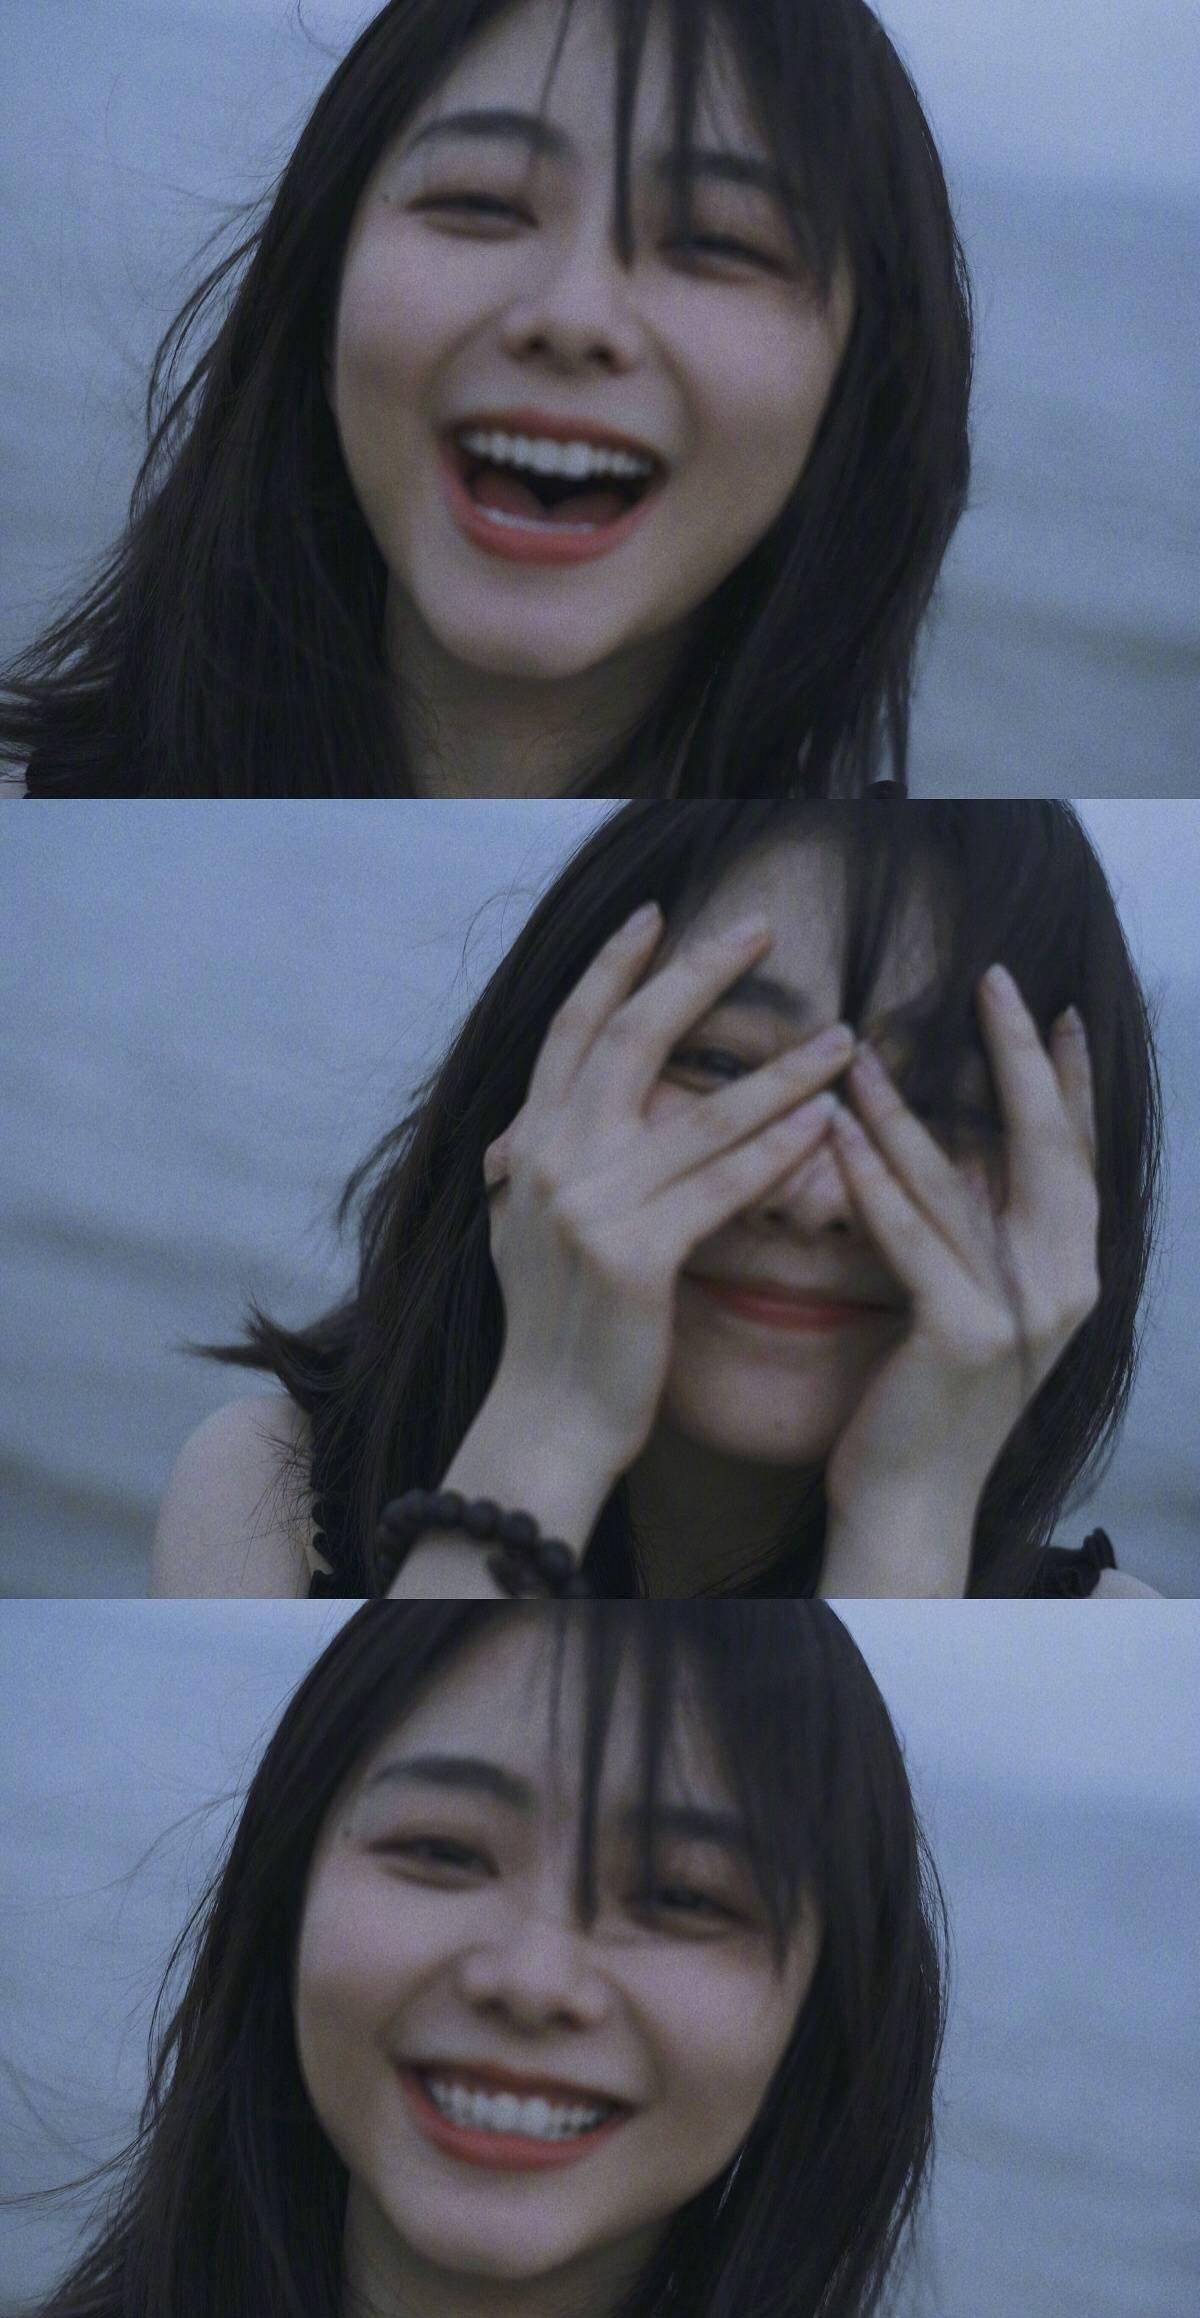 Đàm Tùng Vận hoang dại trong bộ ảnh mới, ánh mắt mơ màng khiến netizen 'chết tâm' 1